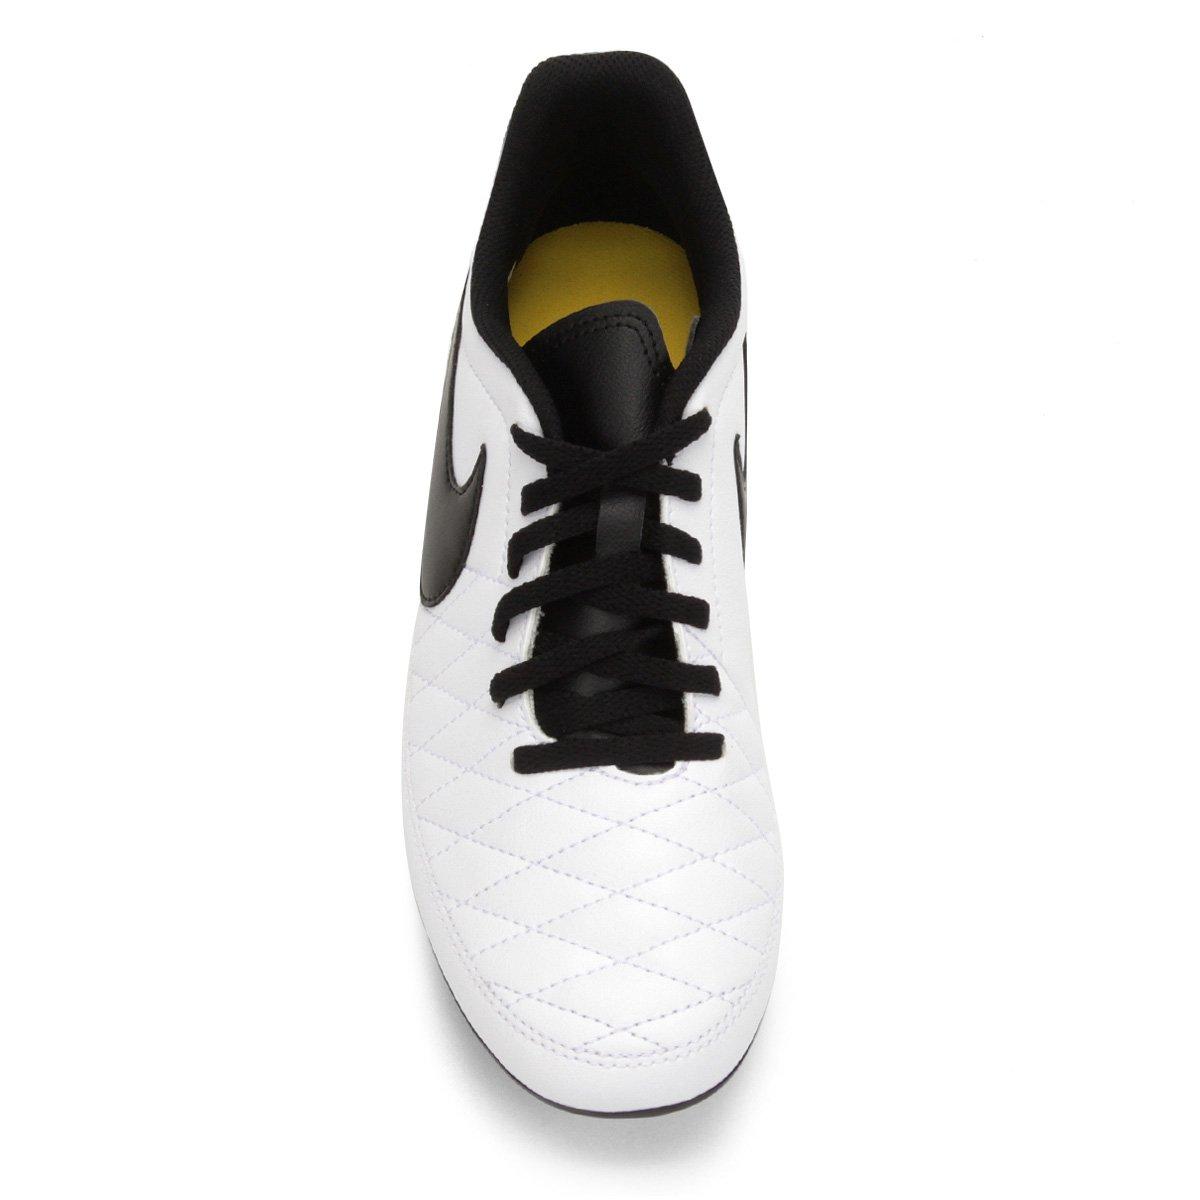 5aee316ef0 Chuteira Campo Nike Majestry FG - Branco e Preto - Compre Agora ...